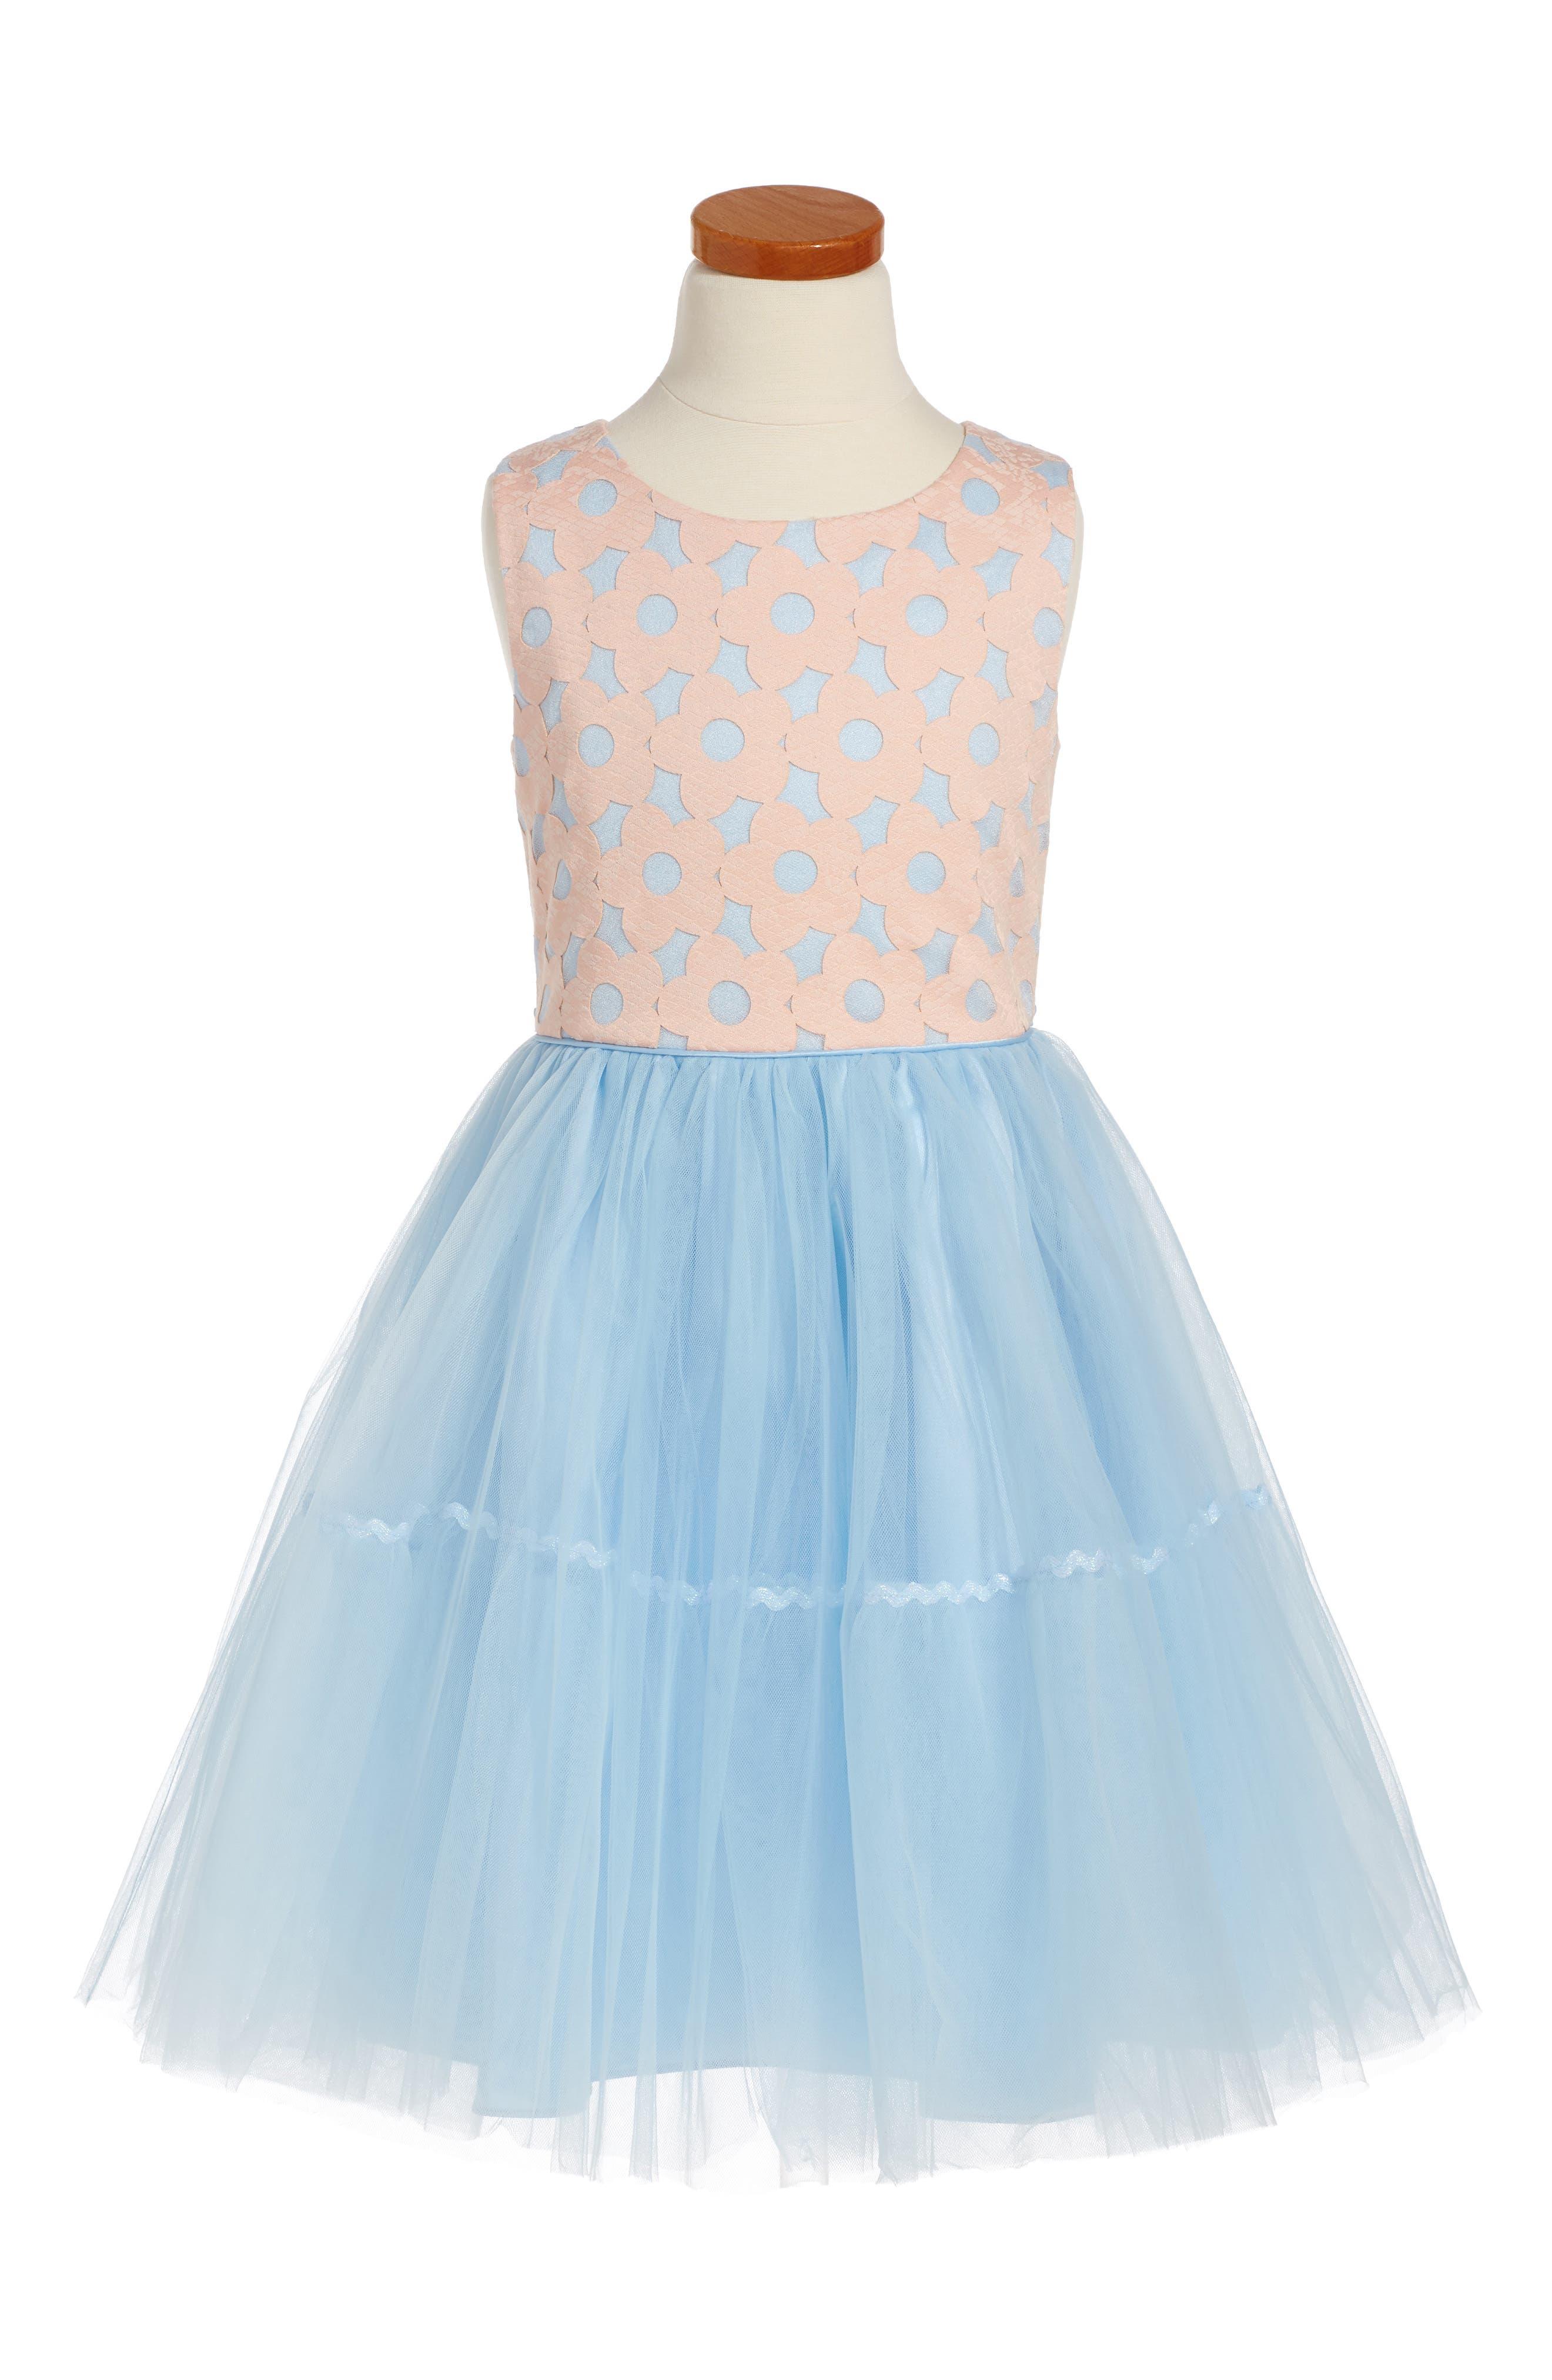 Frais Daisy Cutout Fit & Flare Dress (Toddler Girls, Little Girls & Big Girls)